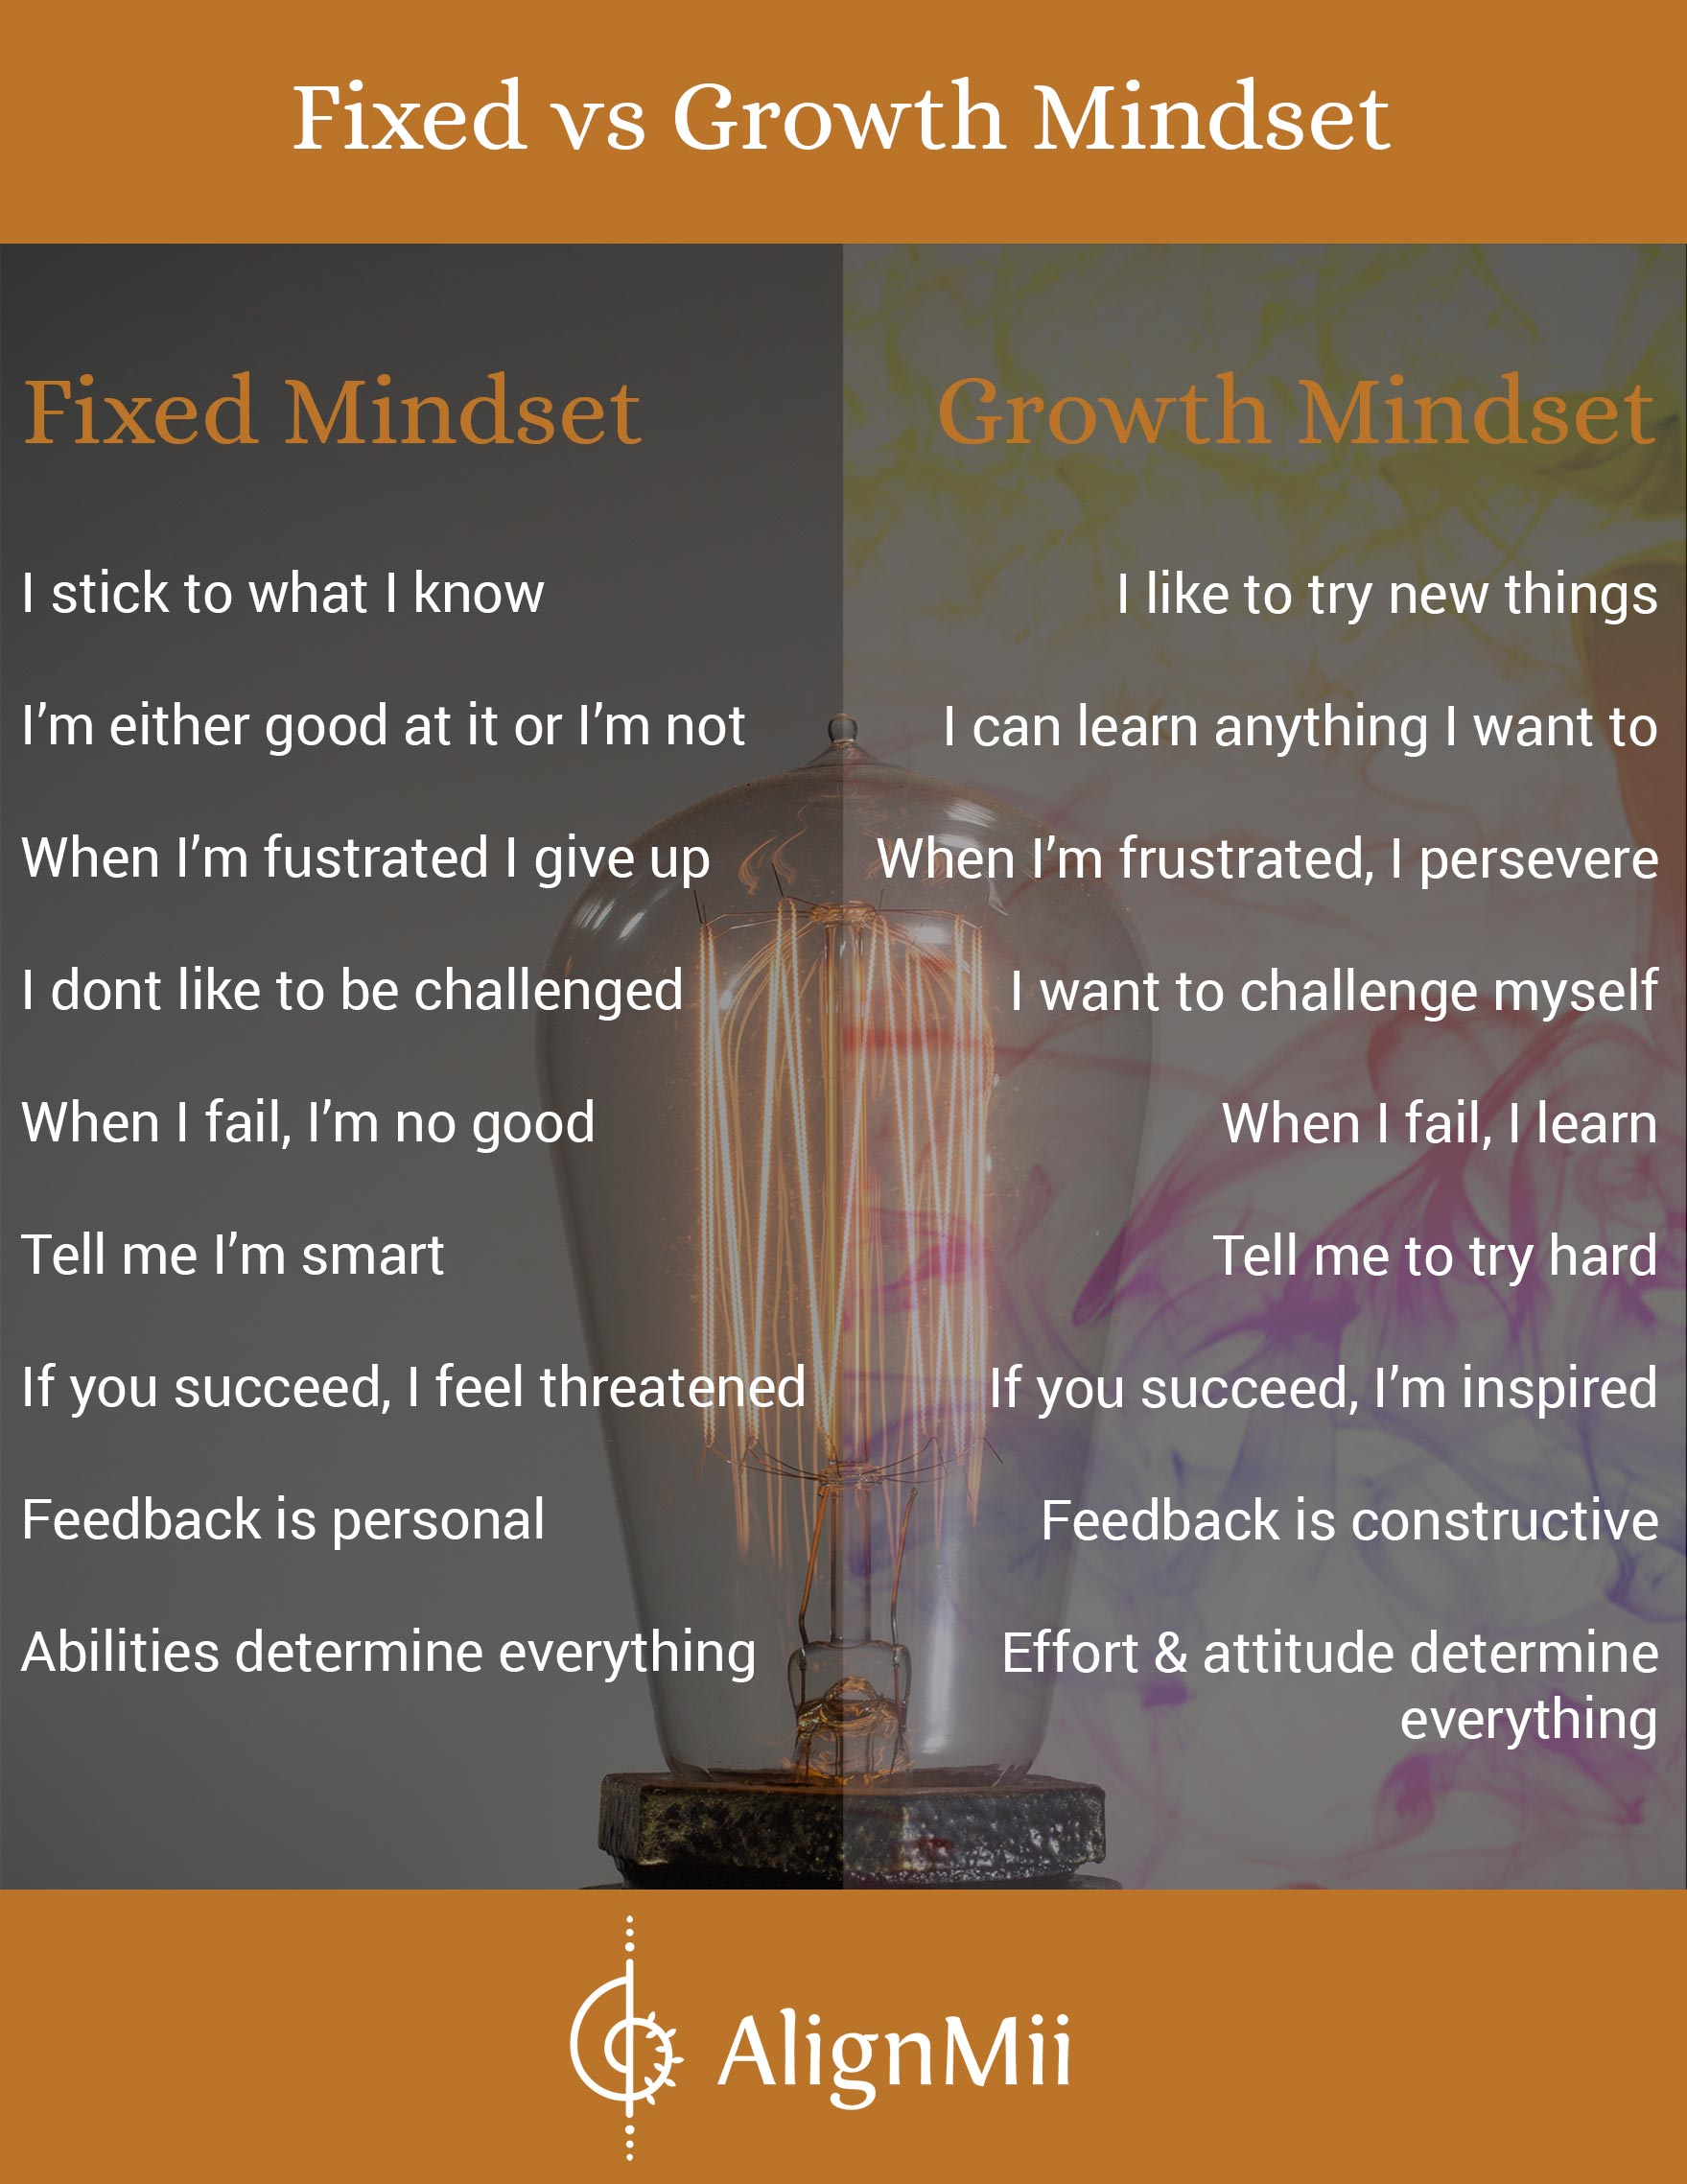 Fixed Mindset V Growth Mindset Alignmii